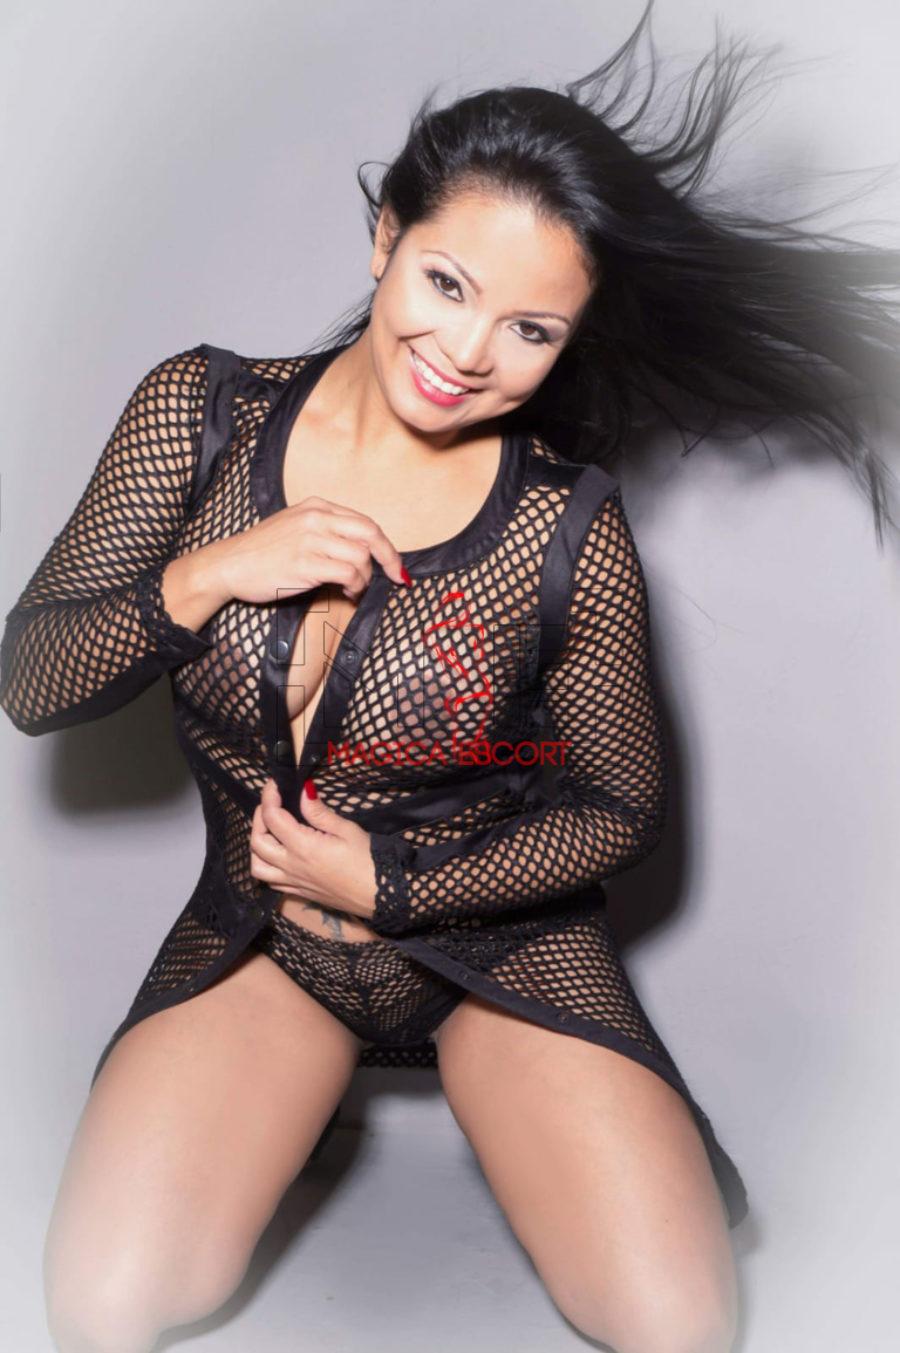 Vanessa accompagnatrice colombiana lascia intravedere le forme perfette. Magica Escort